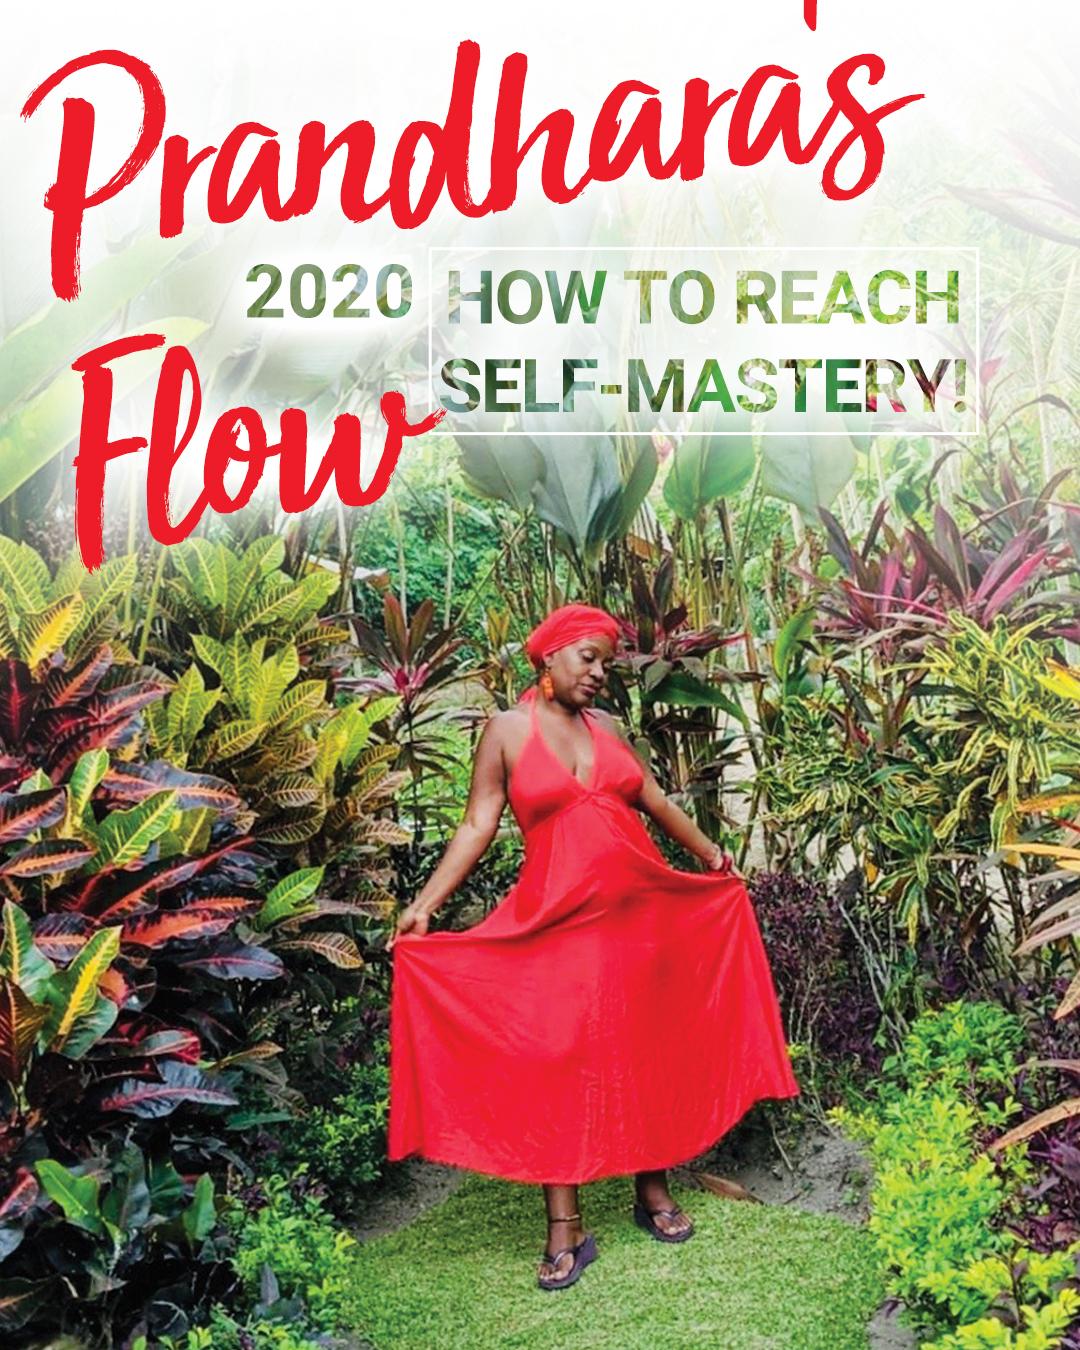 Prandhara's Flow